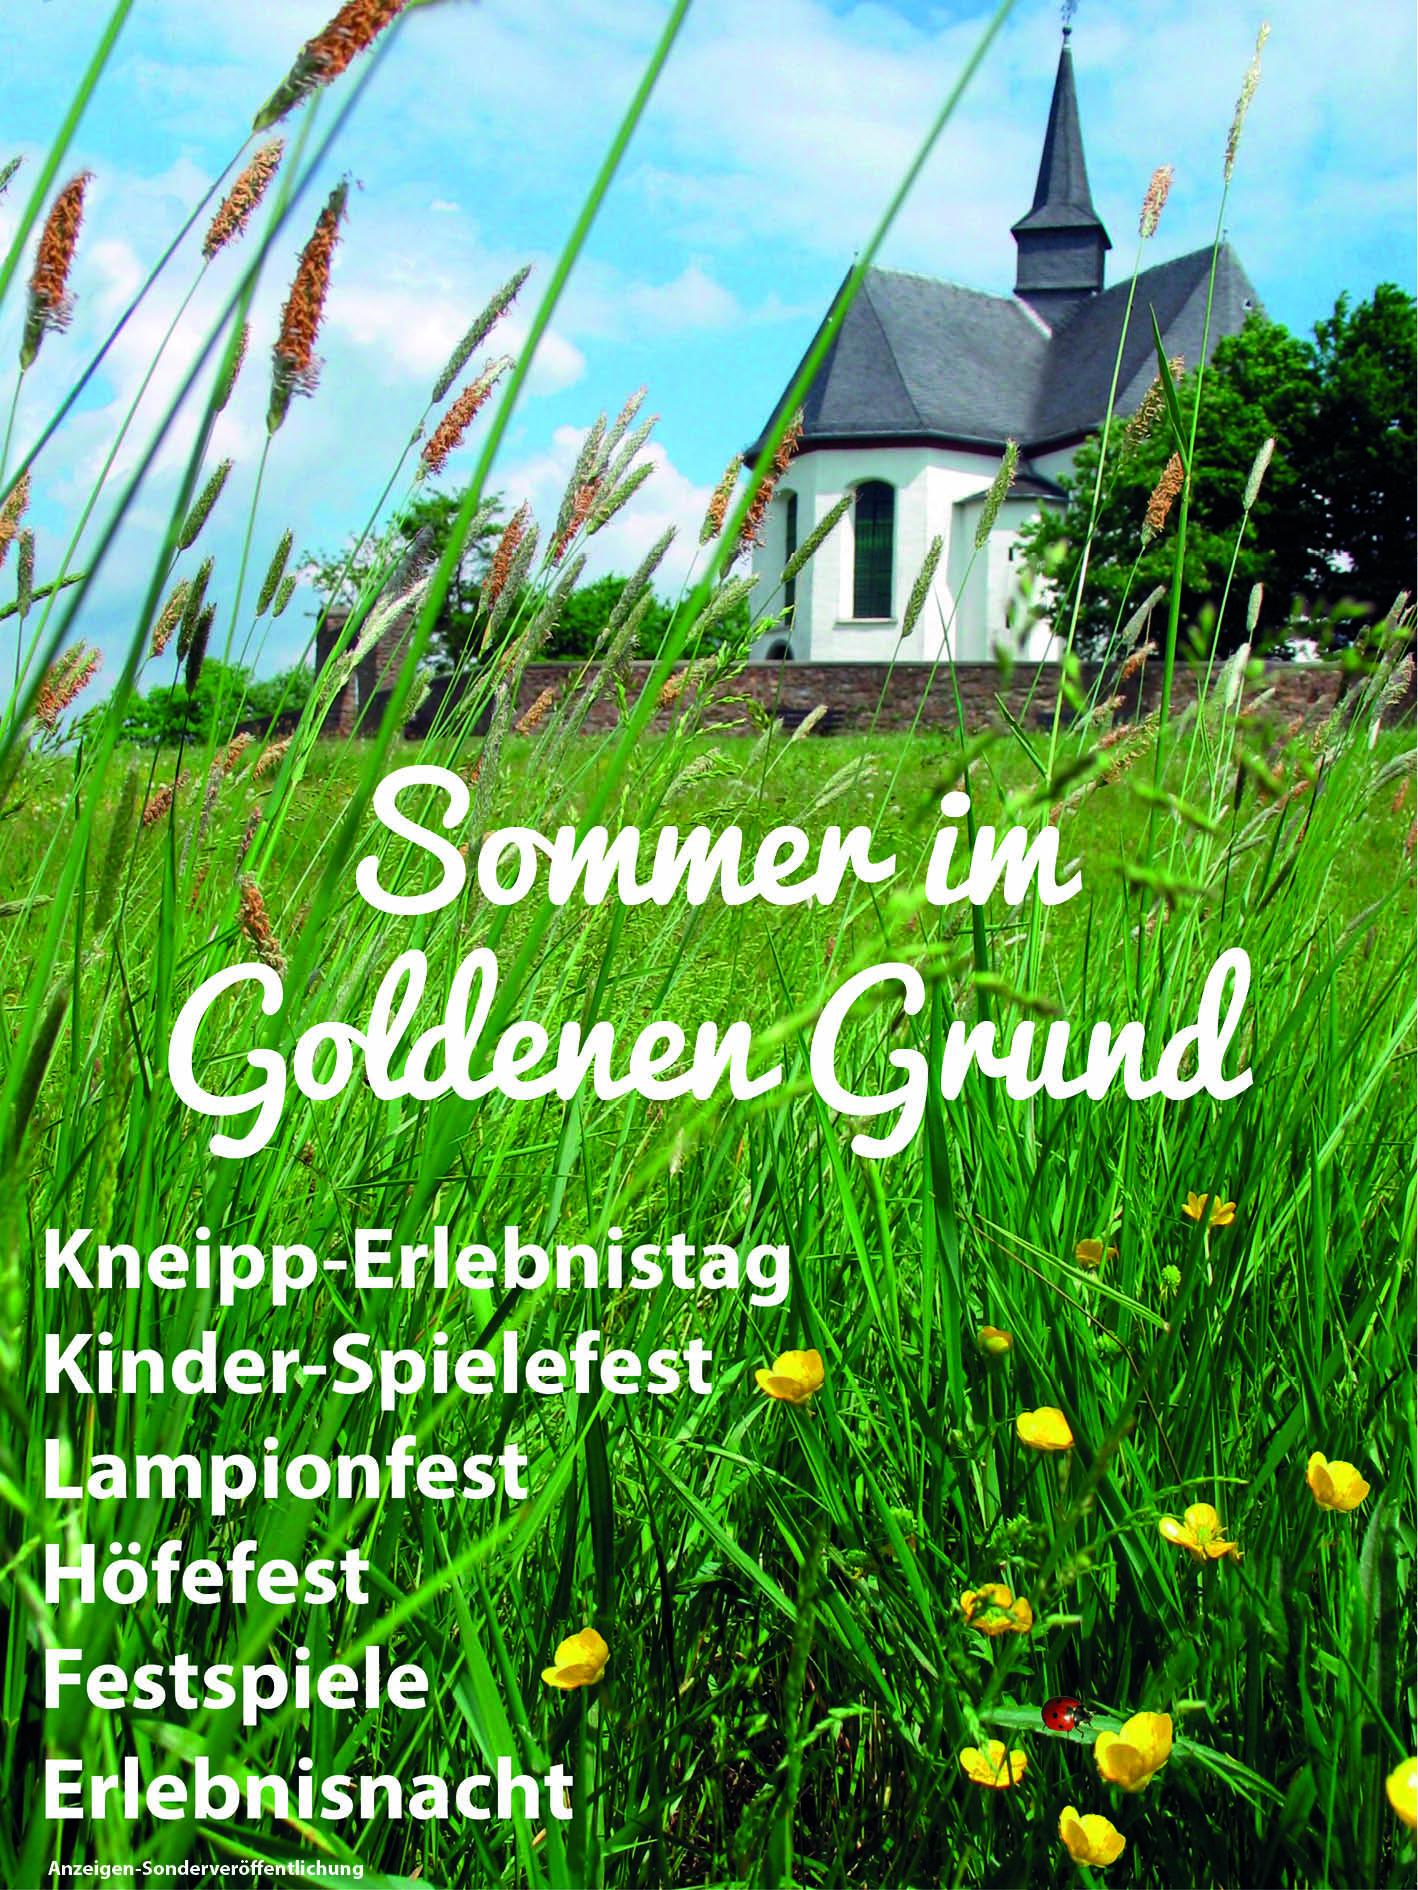 Sommer im Goldenen Grund 2013